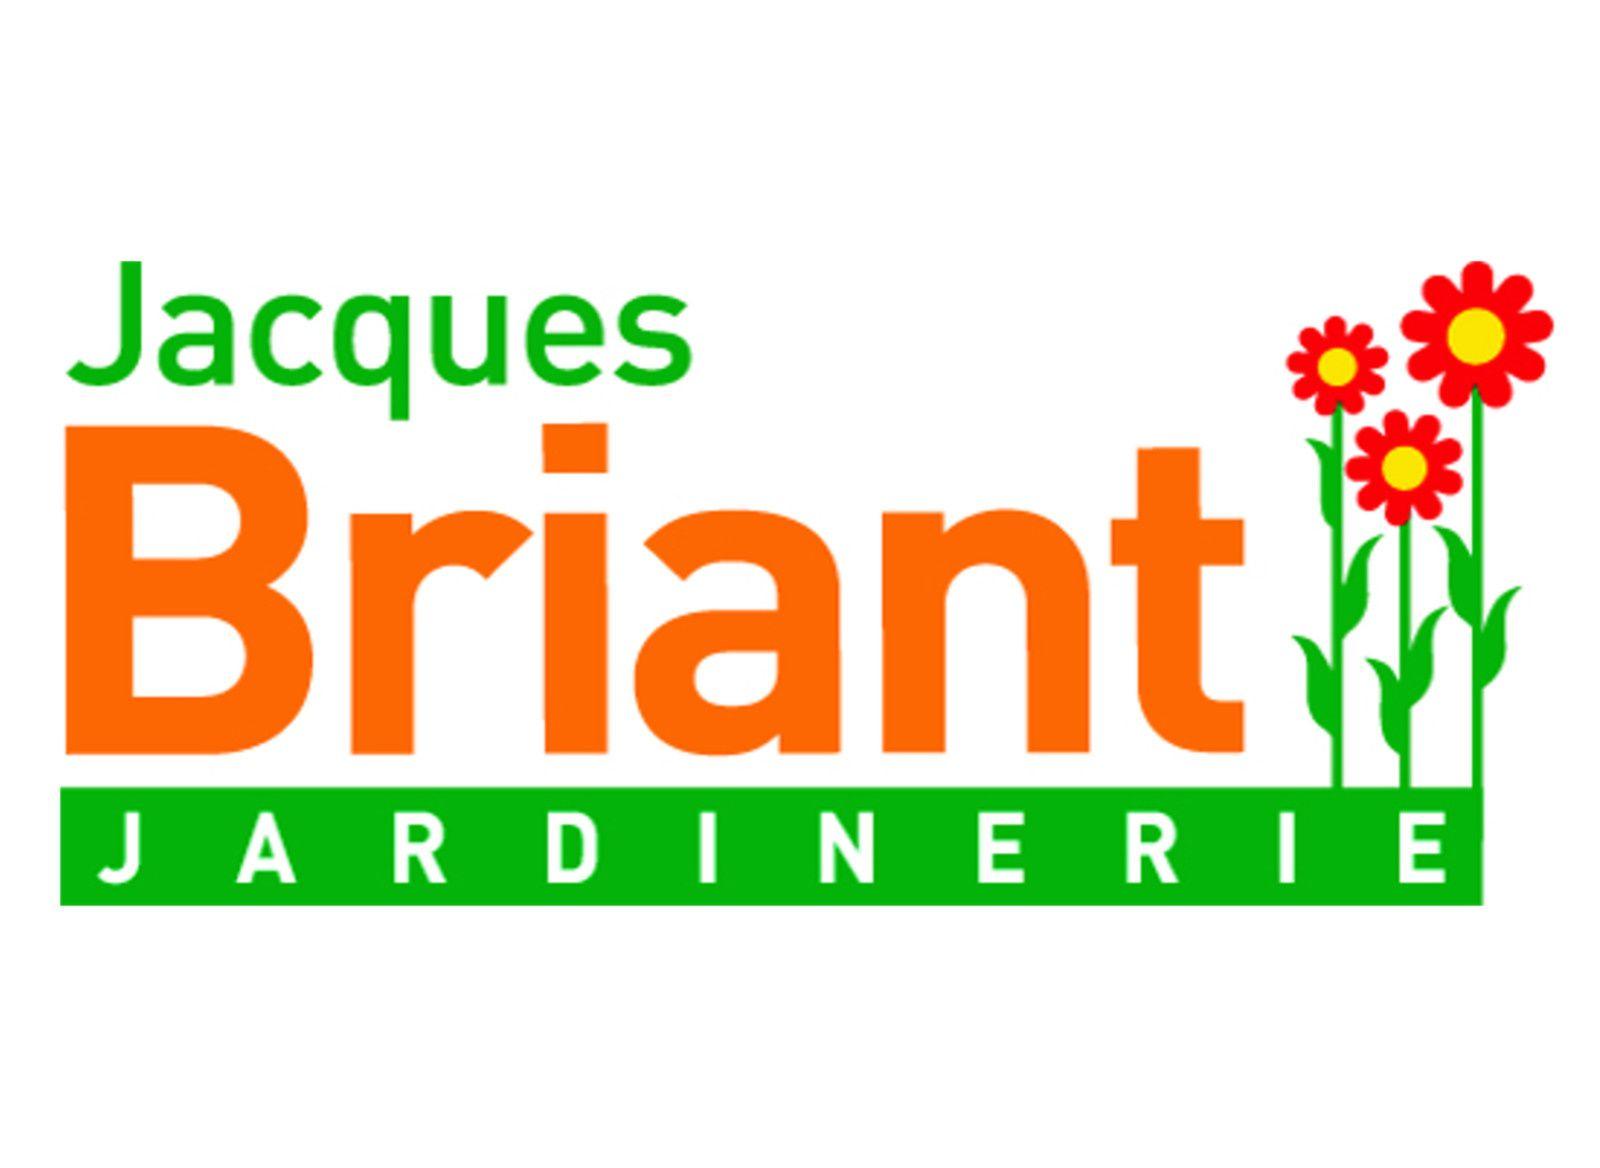 JARDINERIE JACQUES BRIANT